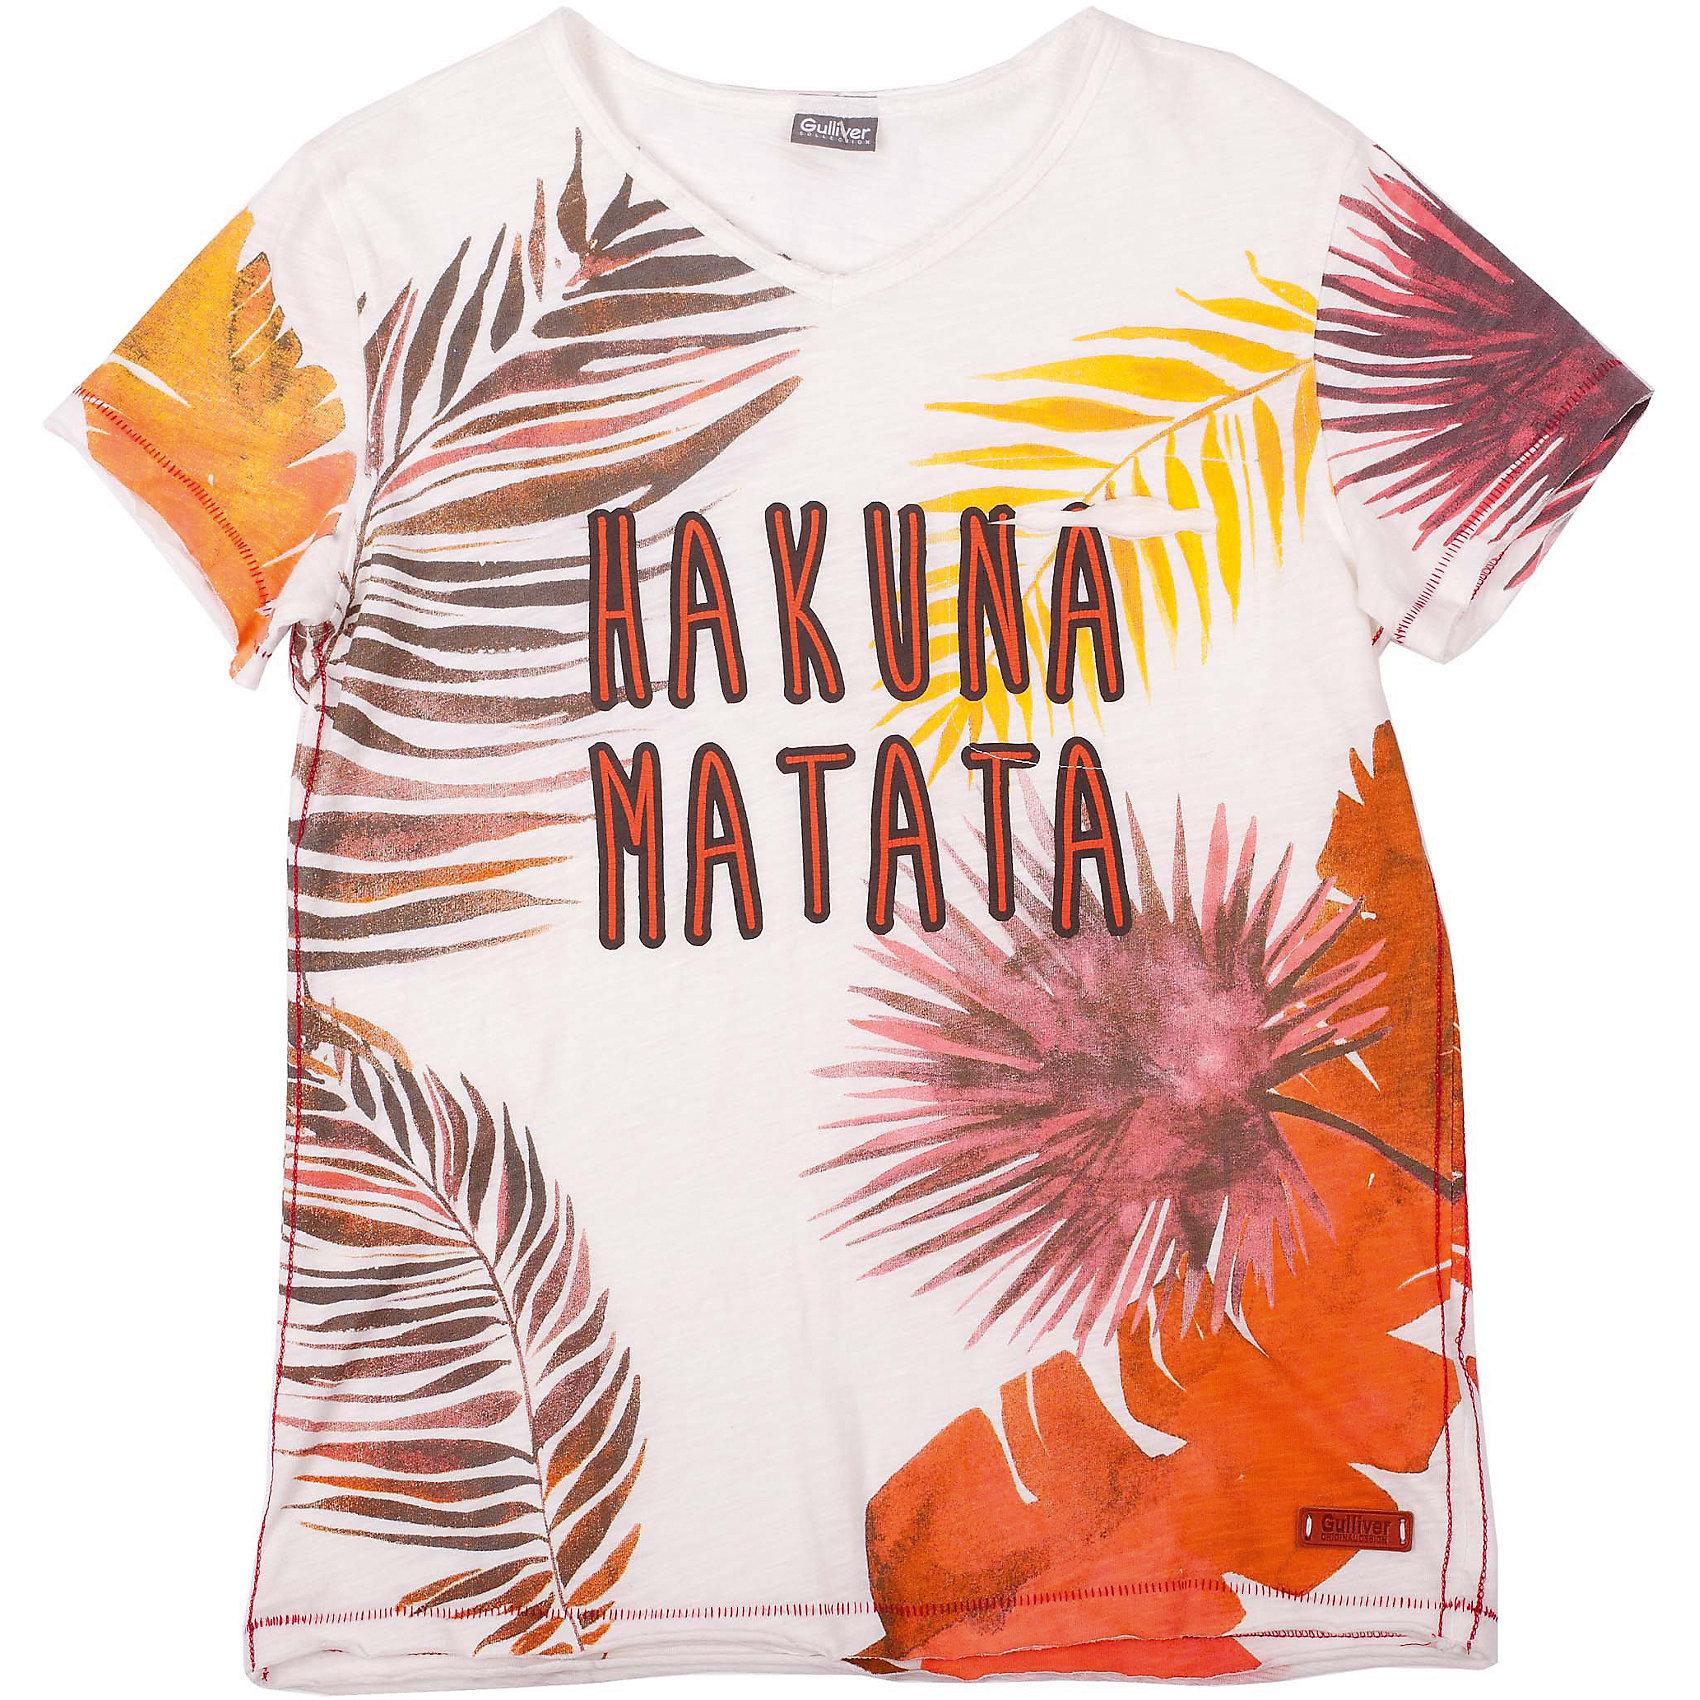 Футболка для мальчика GulliverШикарная футболка для мальчика с рисунком в гавайском стиле - прекрасная модель для жаркого лета. Она создаст отличное настроение и сделает каждый день ребенка комфортным.  Цветная футболка для мальчика из коллекции Камбоджа - лучший пример футболки с рисунком: оригинальный  декор, выполненный в технике принта делает изделие новым и интересным. Футболка выглядит стильно, эффектно, оригинально! Она имеет эффект изделия, слегка выгоревшего на солнце, что, наверняка, понравится модному современному подростку.<br>Состав:<br>100% хлопок<br><br>Ширина мм: 199<br>Глубина мм: 10<br>Высота мм: 161<br>Вес г: 151<br>Цвет: разноцветный<br>Возраст от месяцев: 132<br>Возраст до месяцев: 144<br>Пол: Мужской<br>Возраст: Детский<br>Размер: 152,158,146,164<br>SKU: 4535073